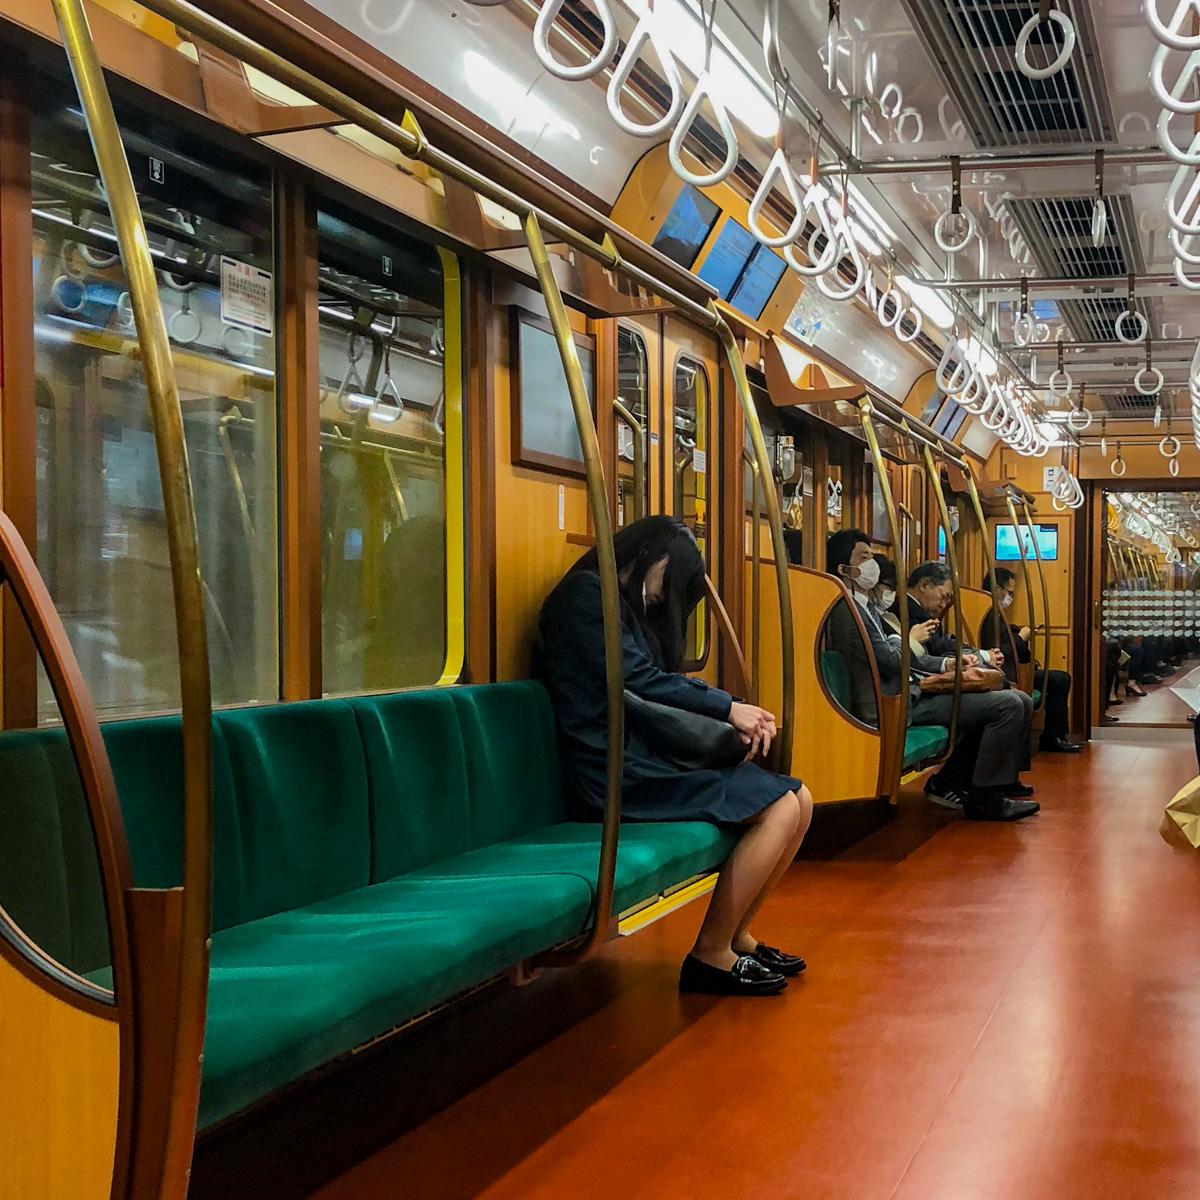 typisch-japanisch-ubahn-schlafen